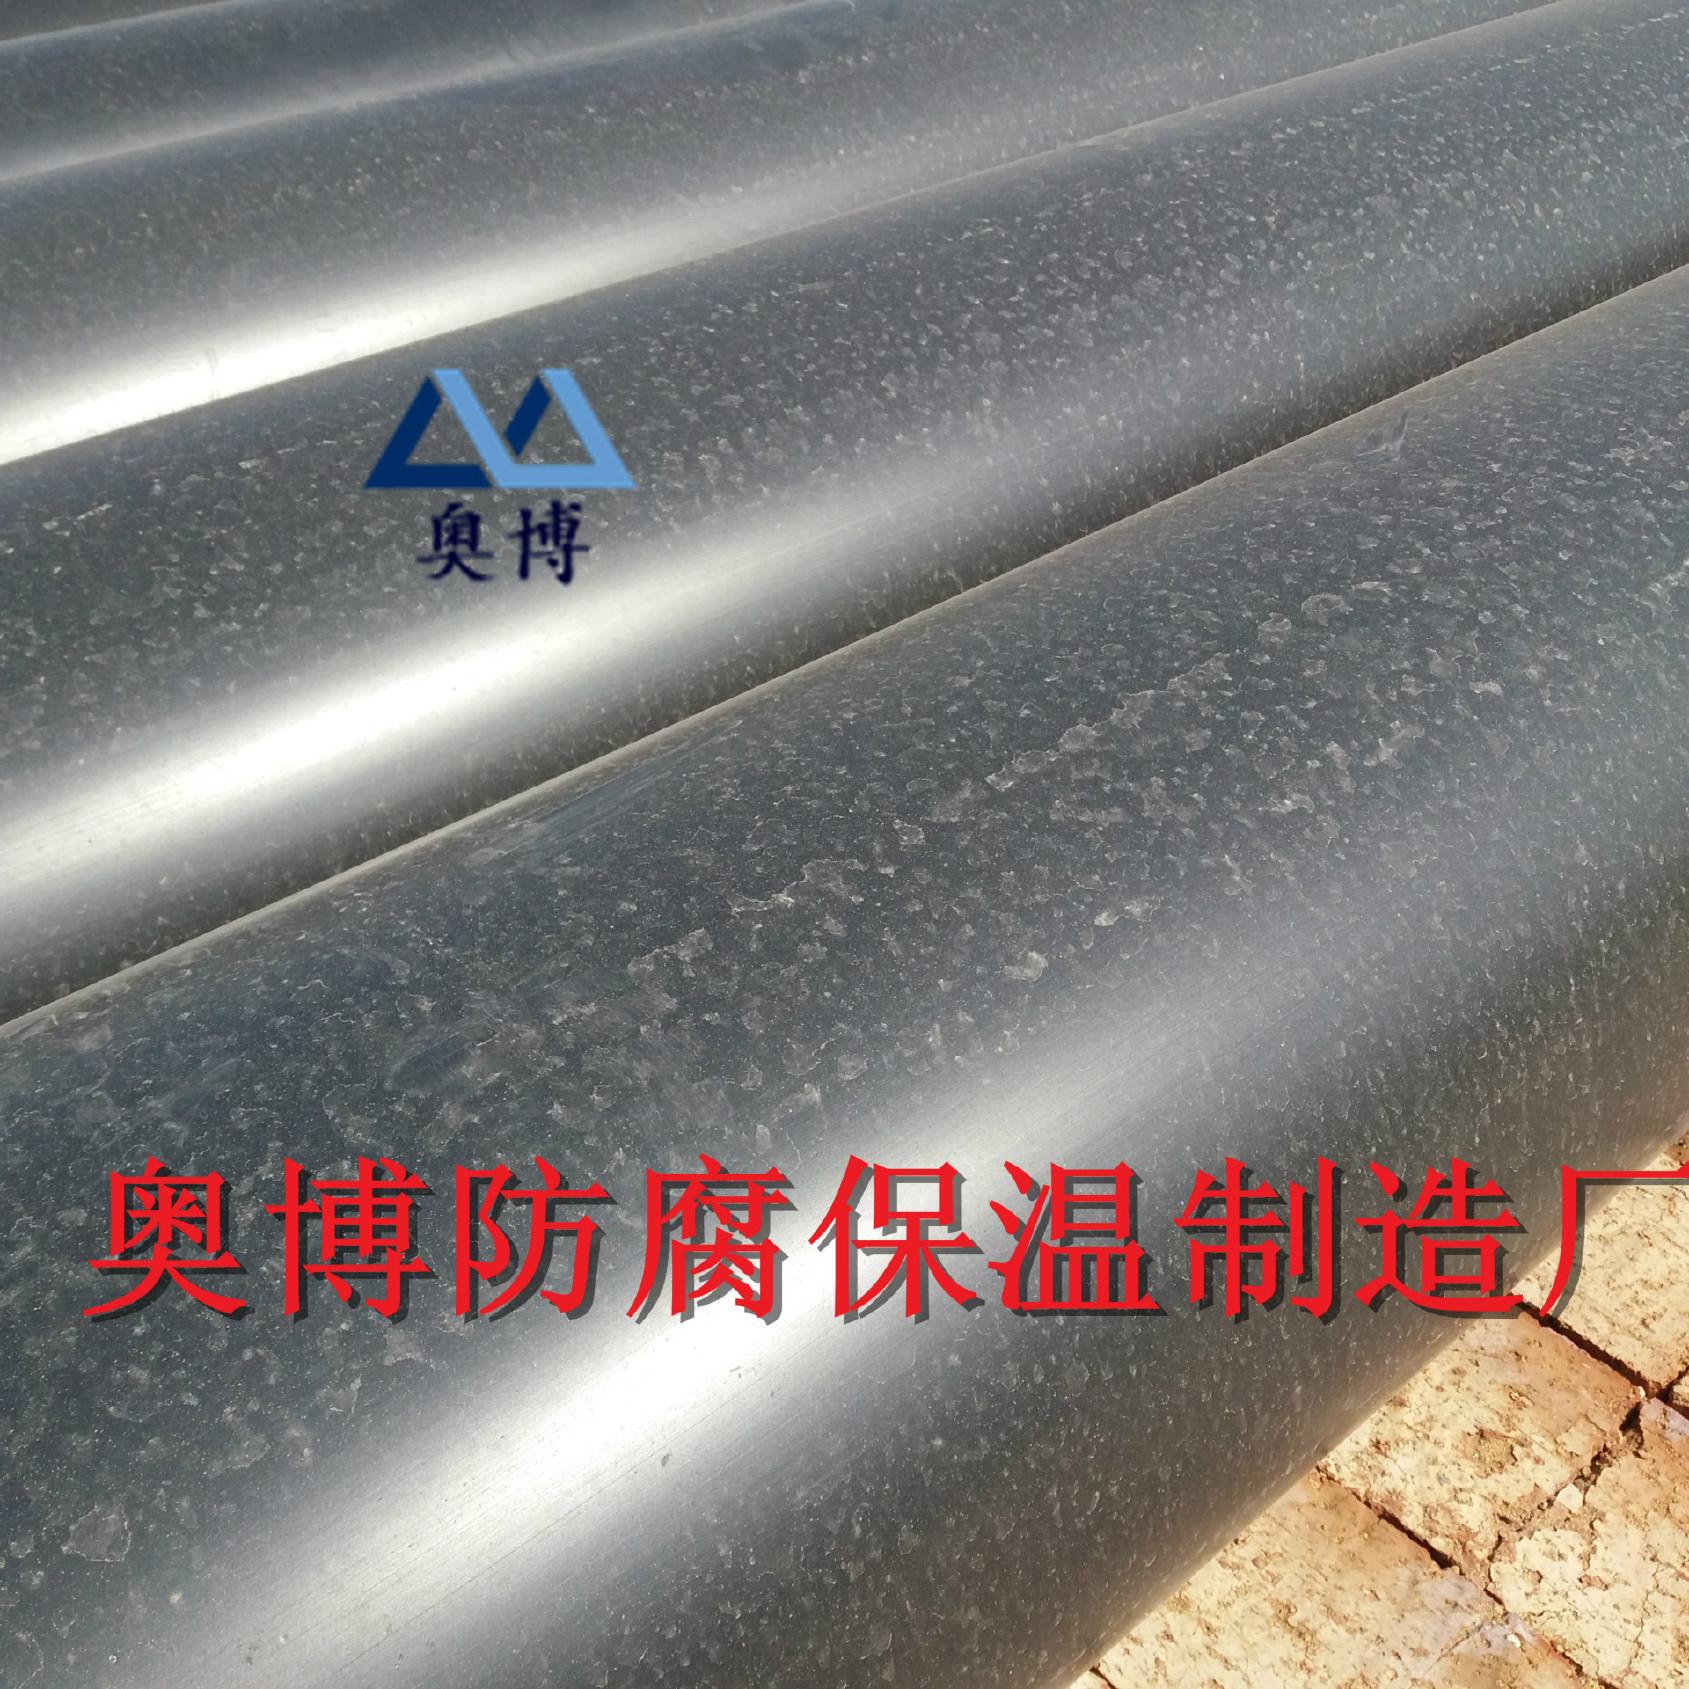 现货供应 聚乙烯夹克管 高密度聚乙夹克管 批发 聚乙烯外护管示例图4